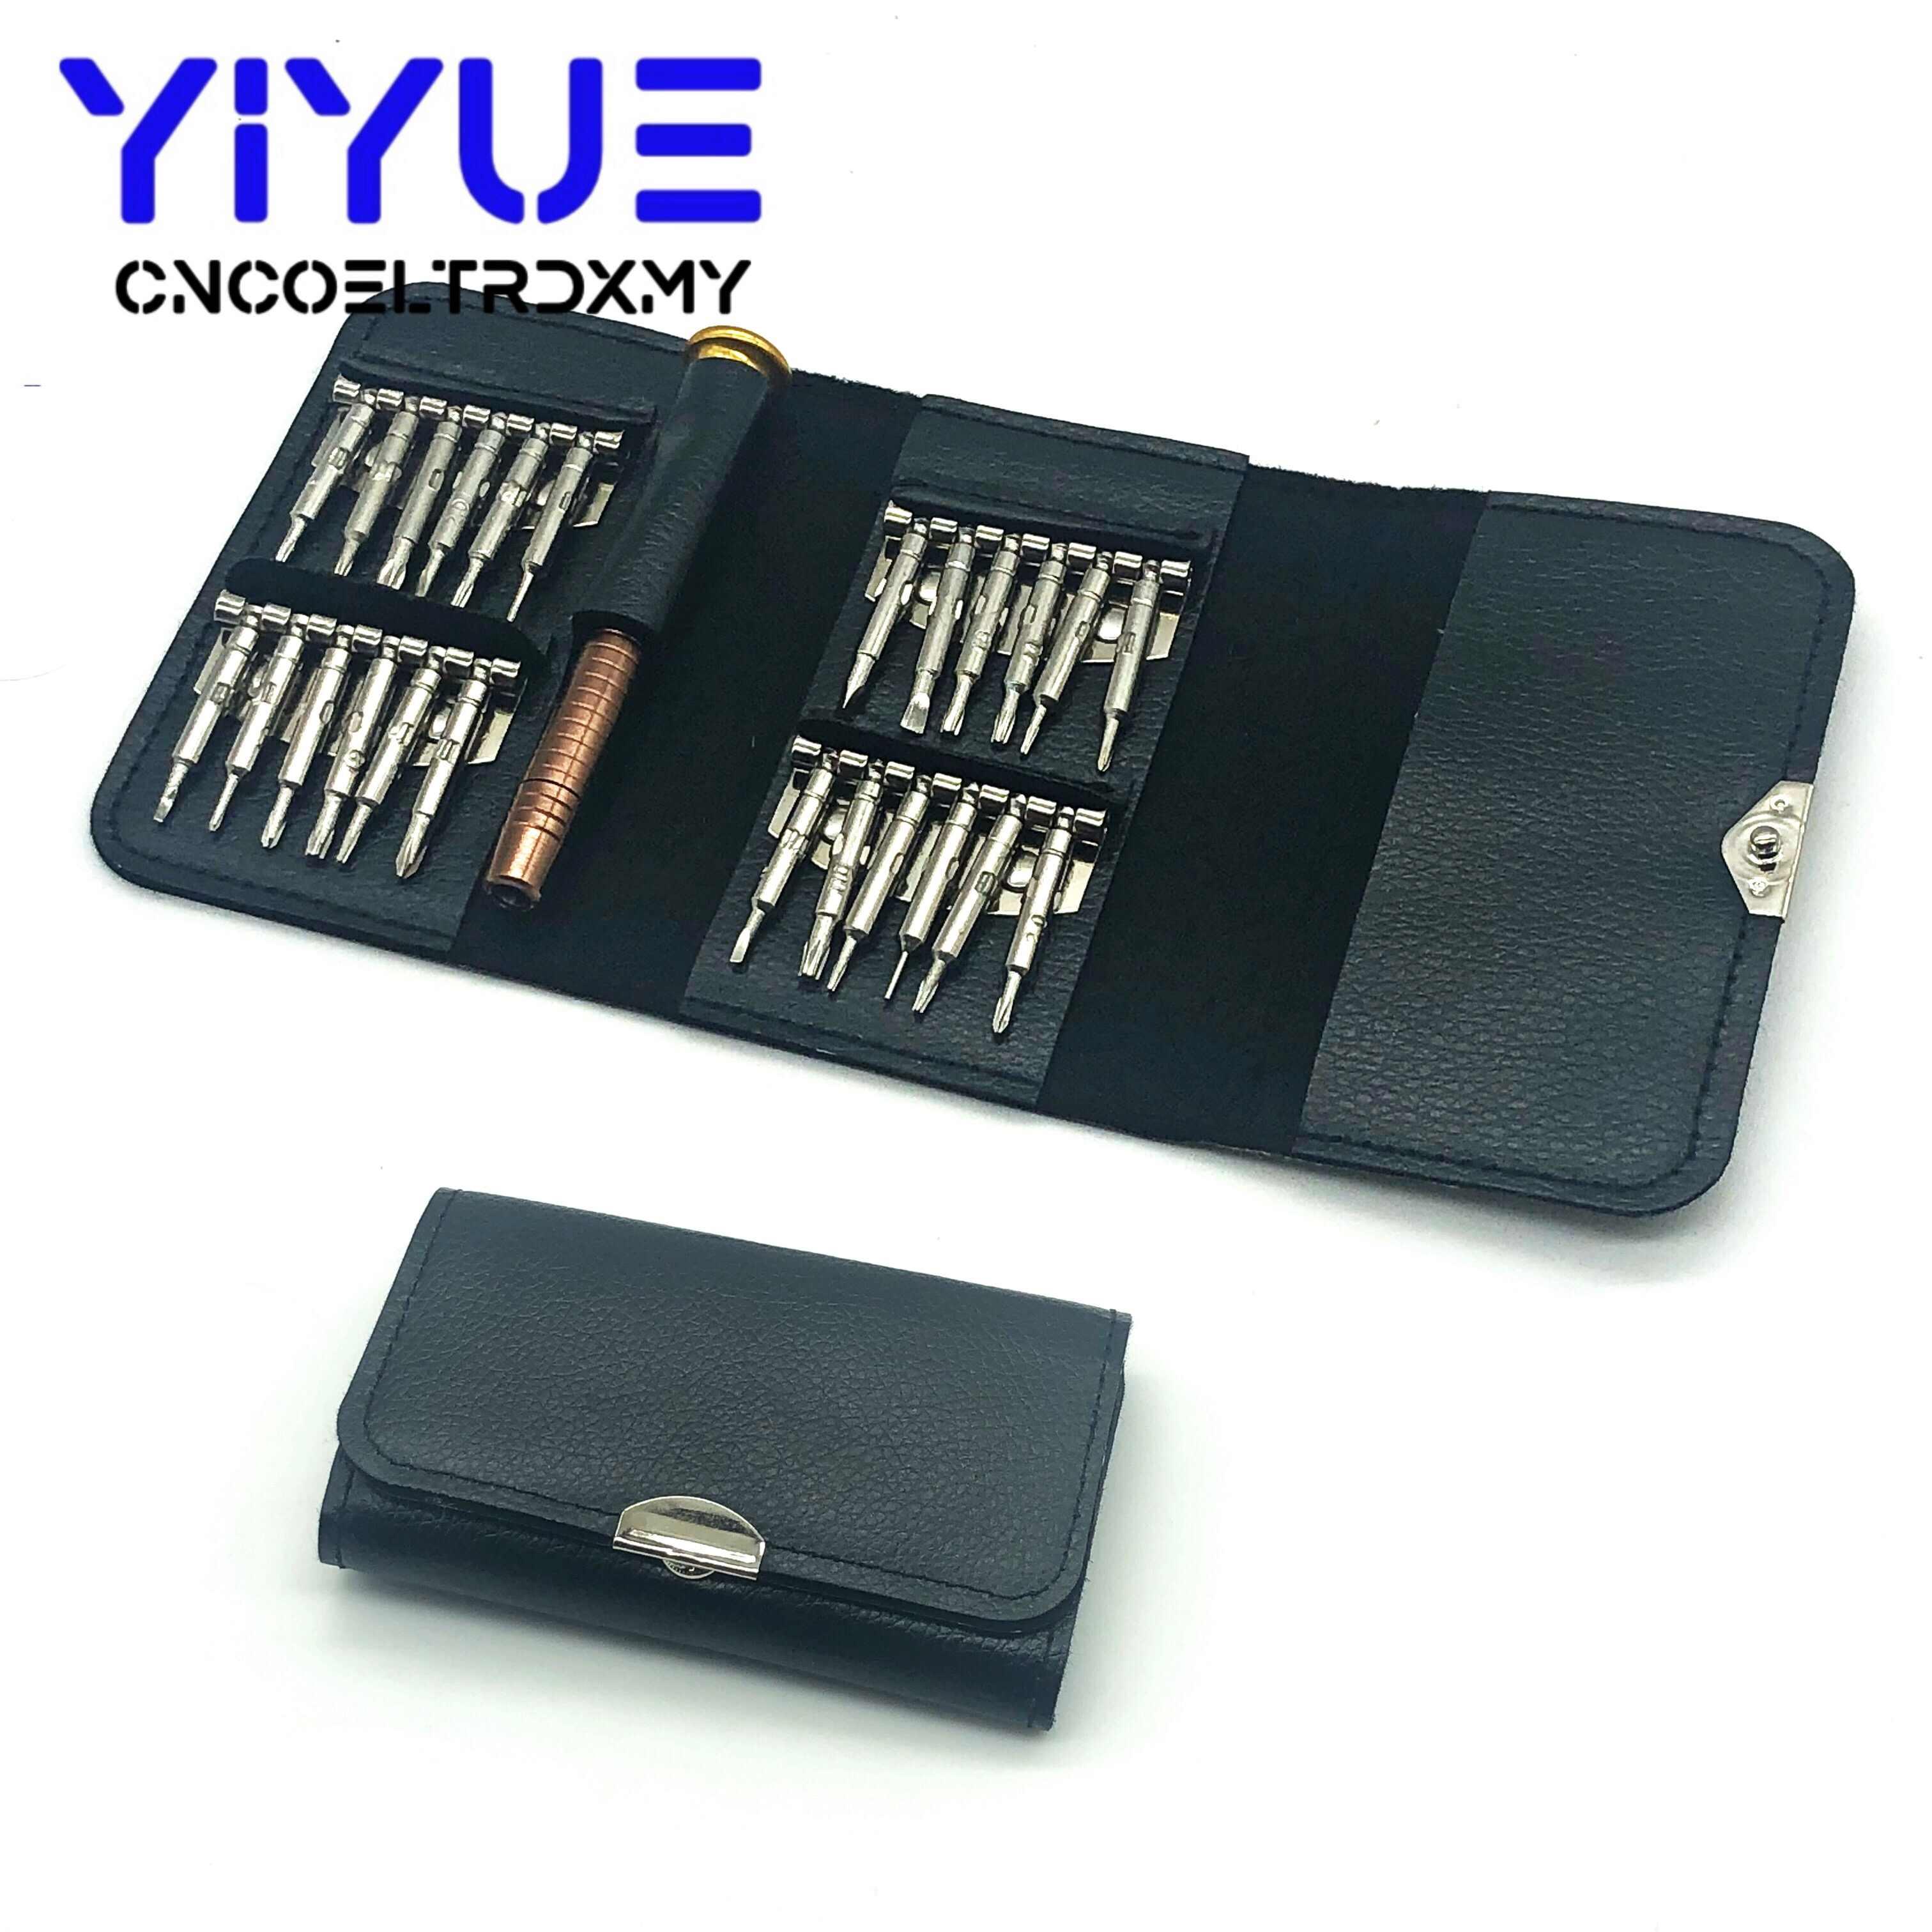 25 In 1 Screwdrivers Kit Portable Repair Tools For Mobile Phone Tablet PC Clock